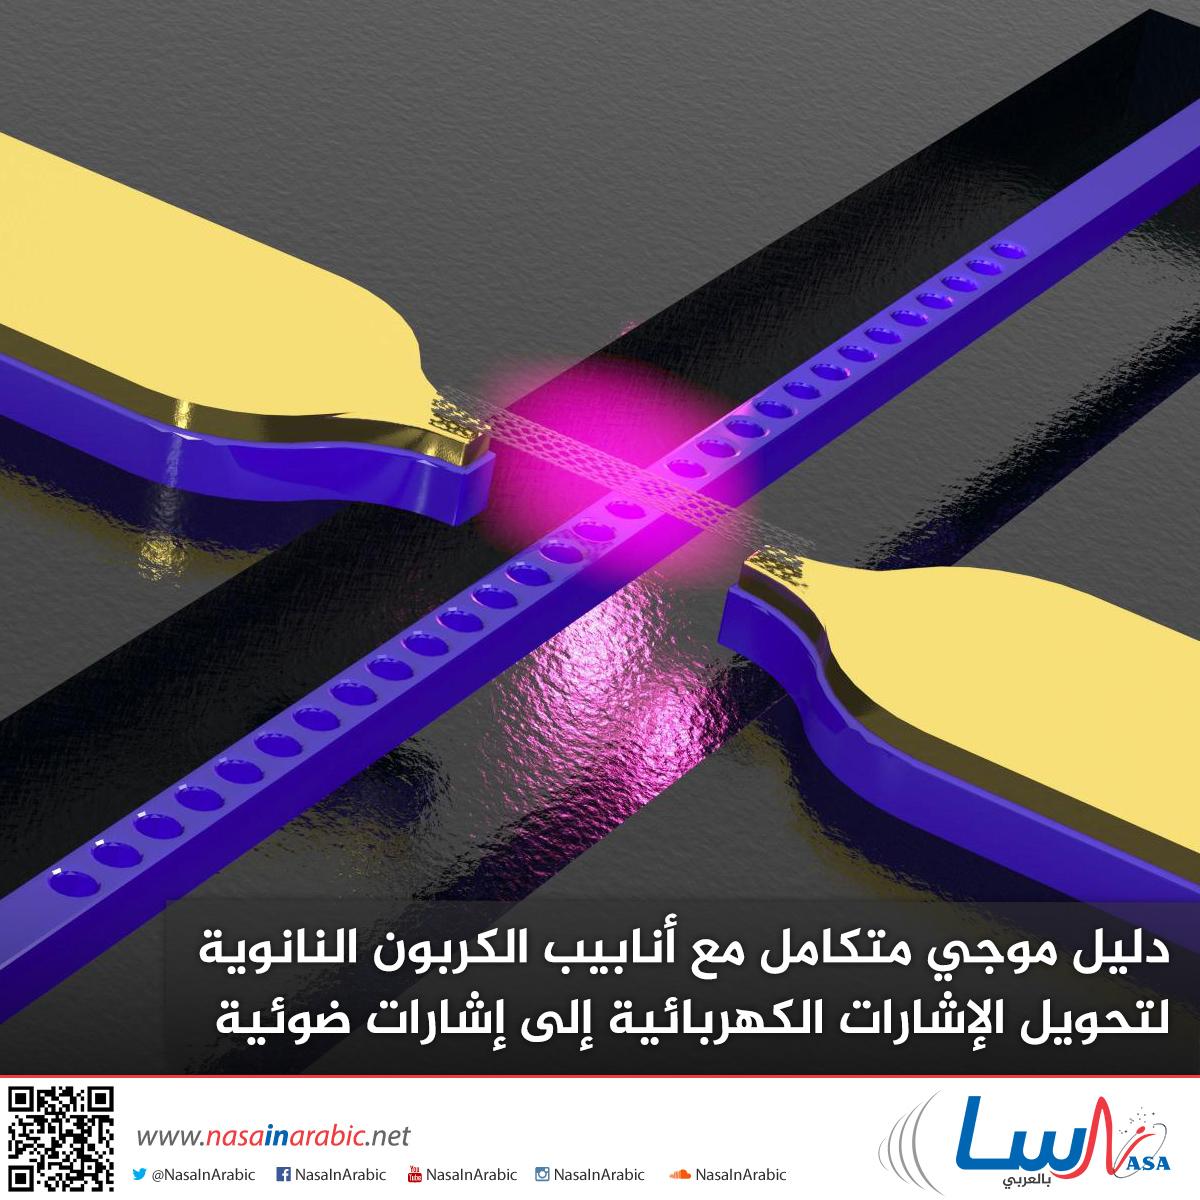 دليل موجي متكامل مع أنابيب الكربون النانوية لتحويل الإشارات الكهربائية إلى إشارات ضوئية